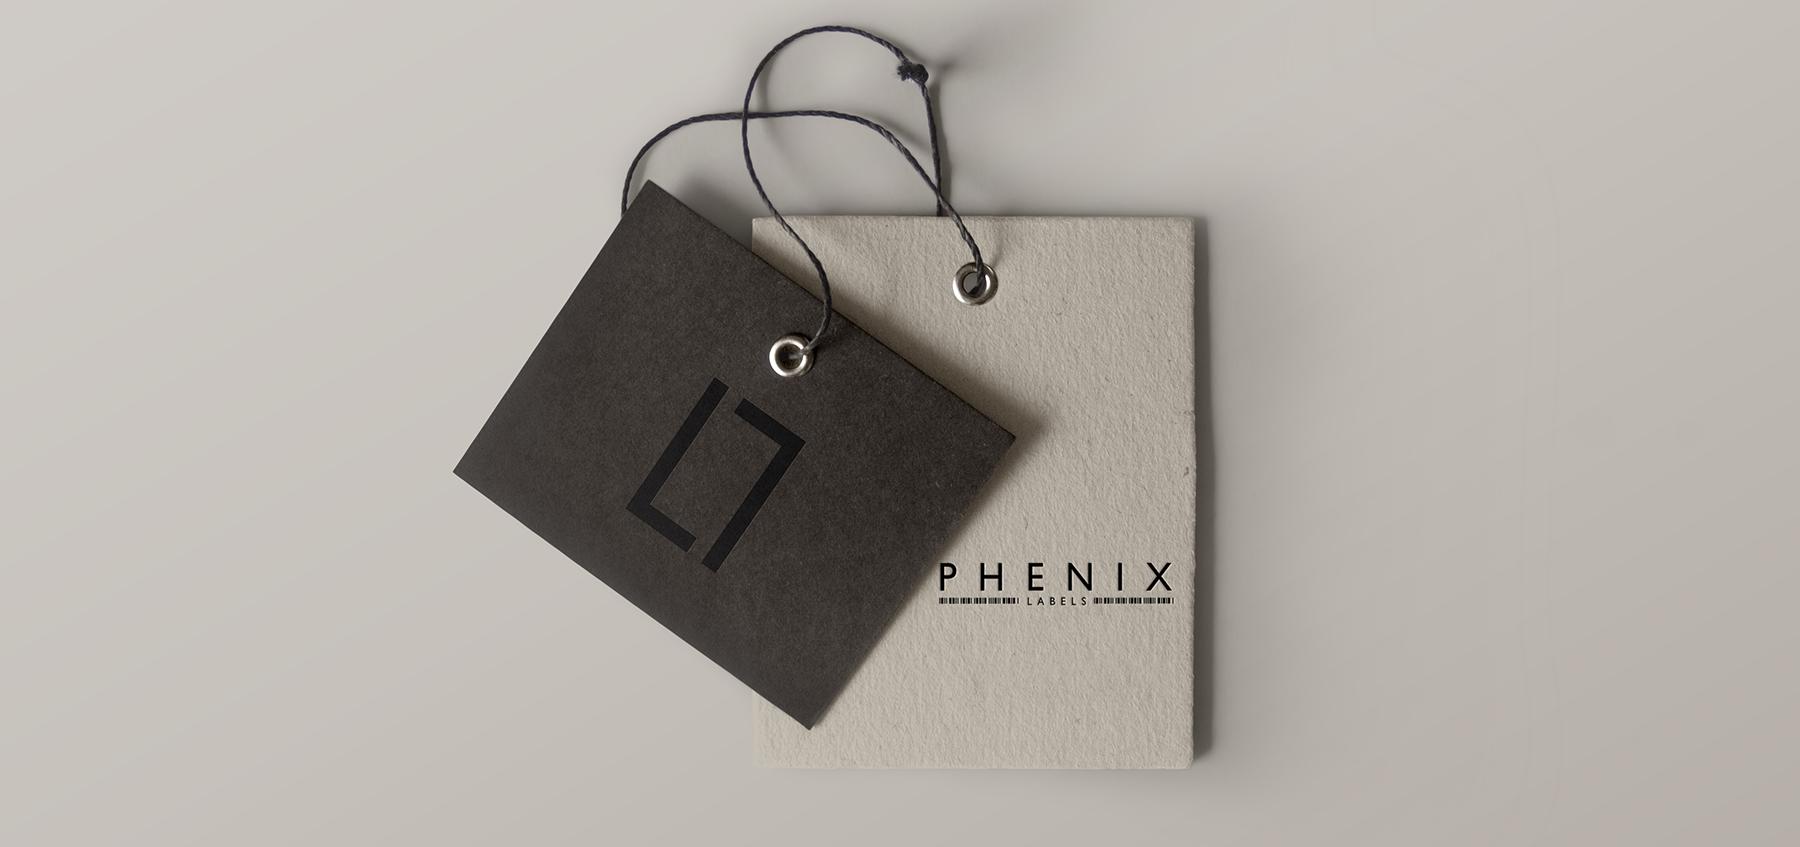 Étiquette carton Phenix